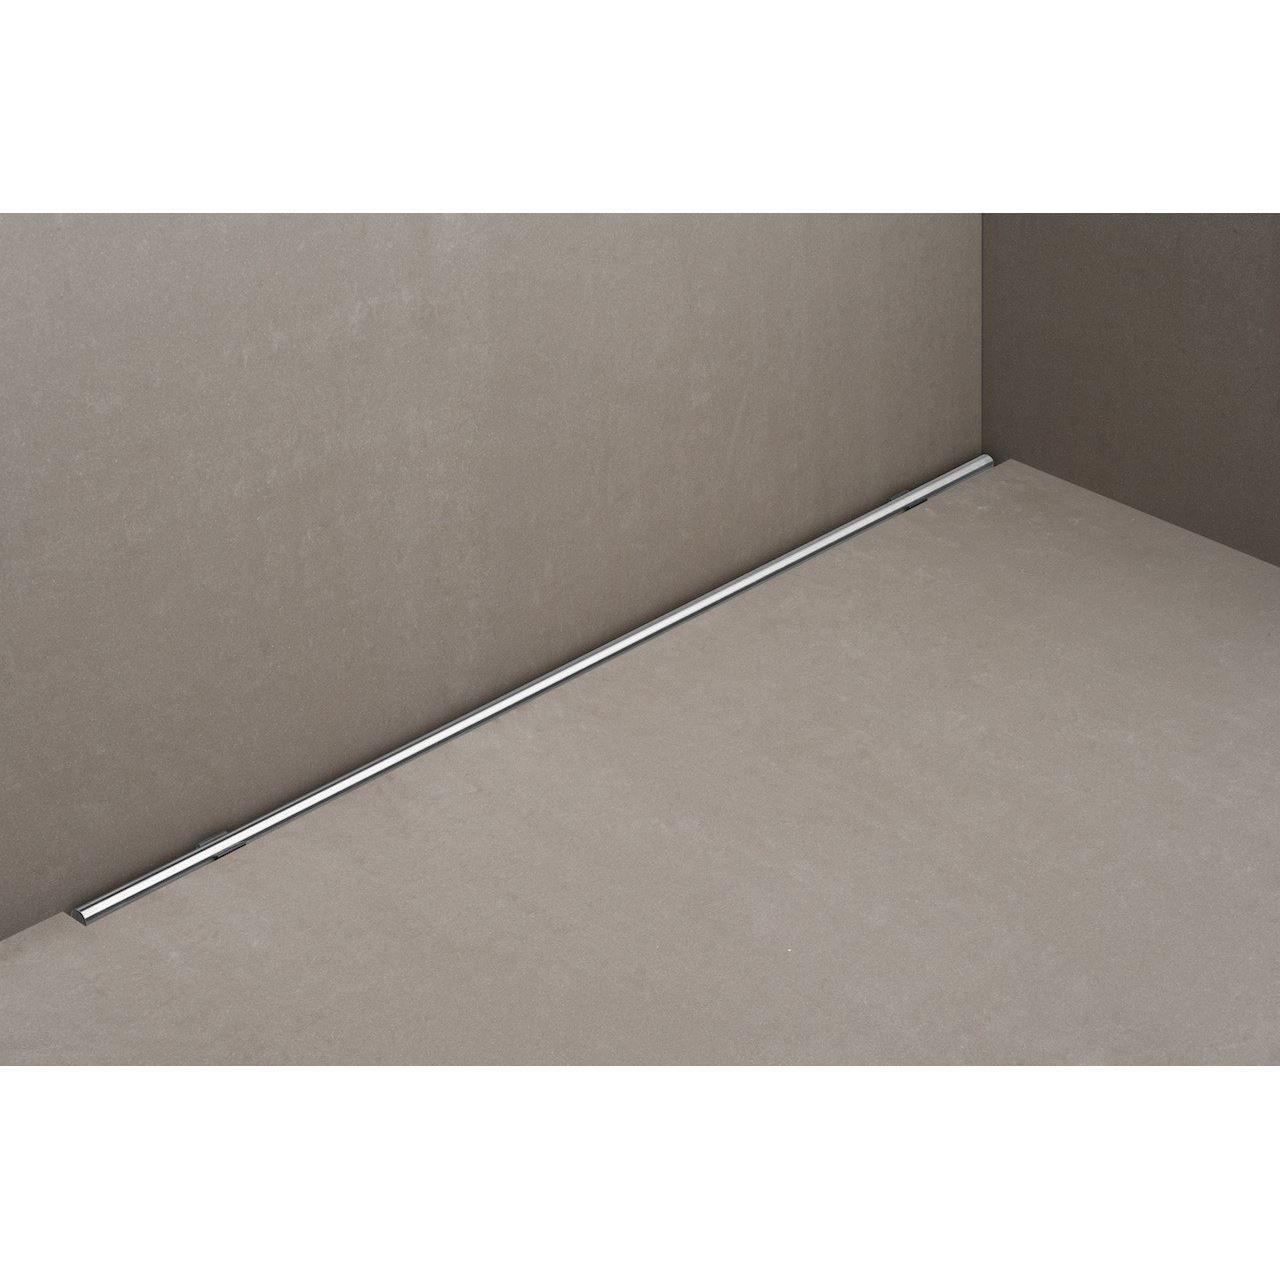 douchegoot 90 cm design luxe drain4you inclusief afdichtingsdoek, Badkamer